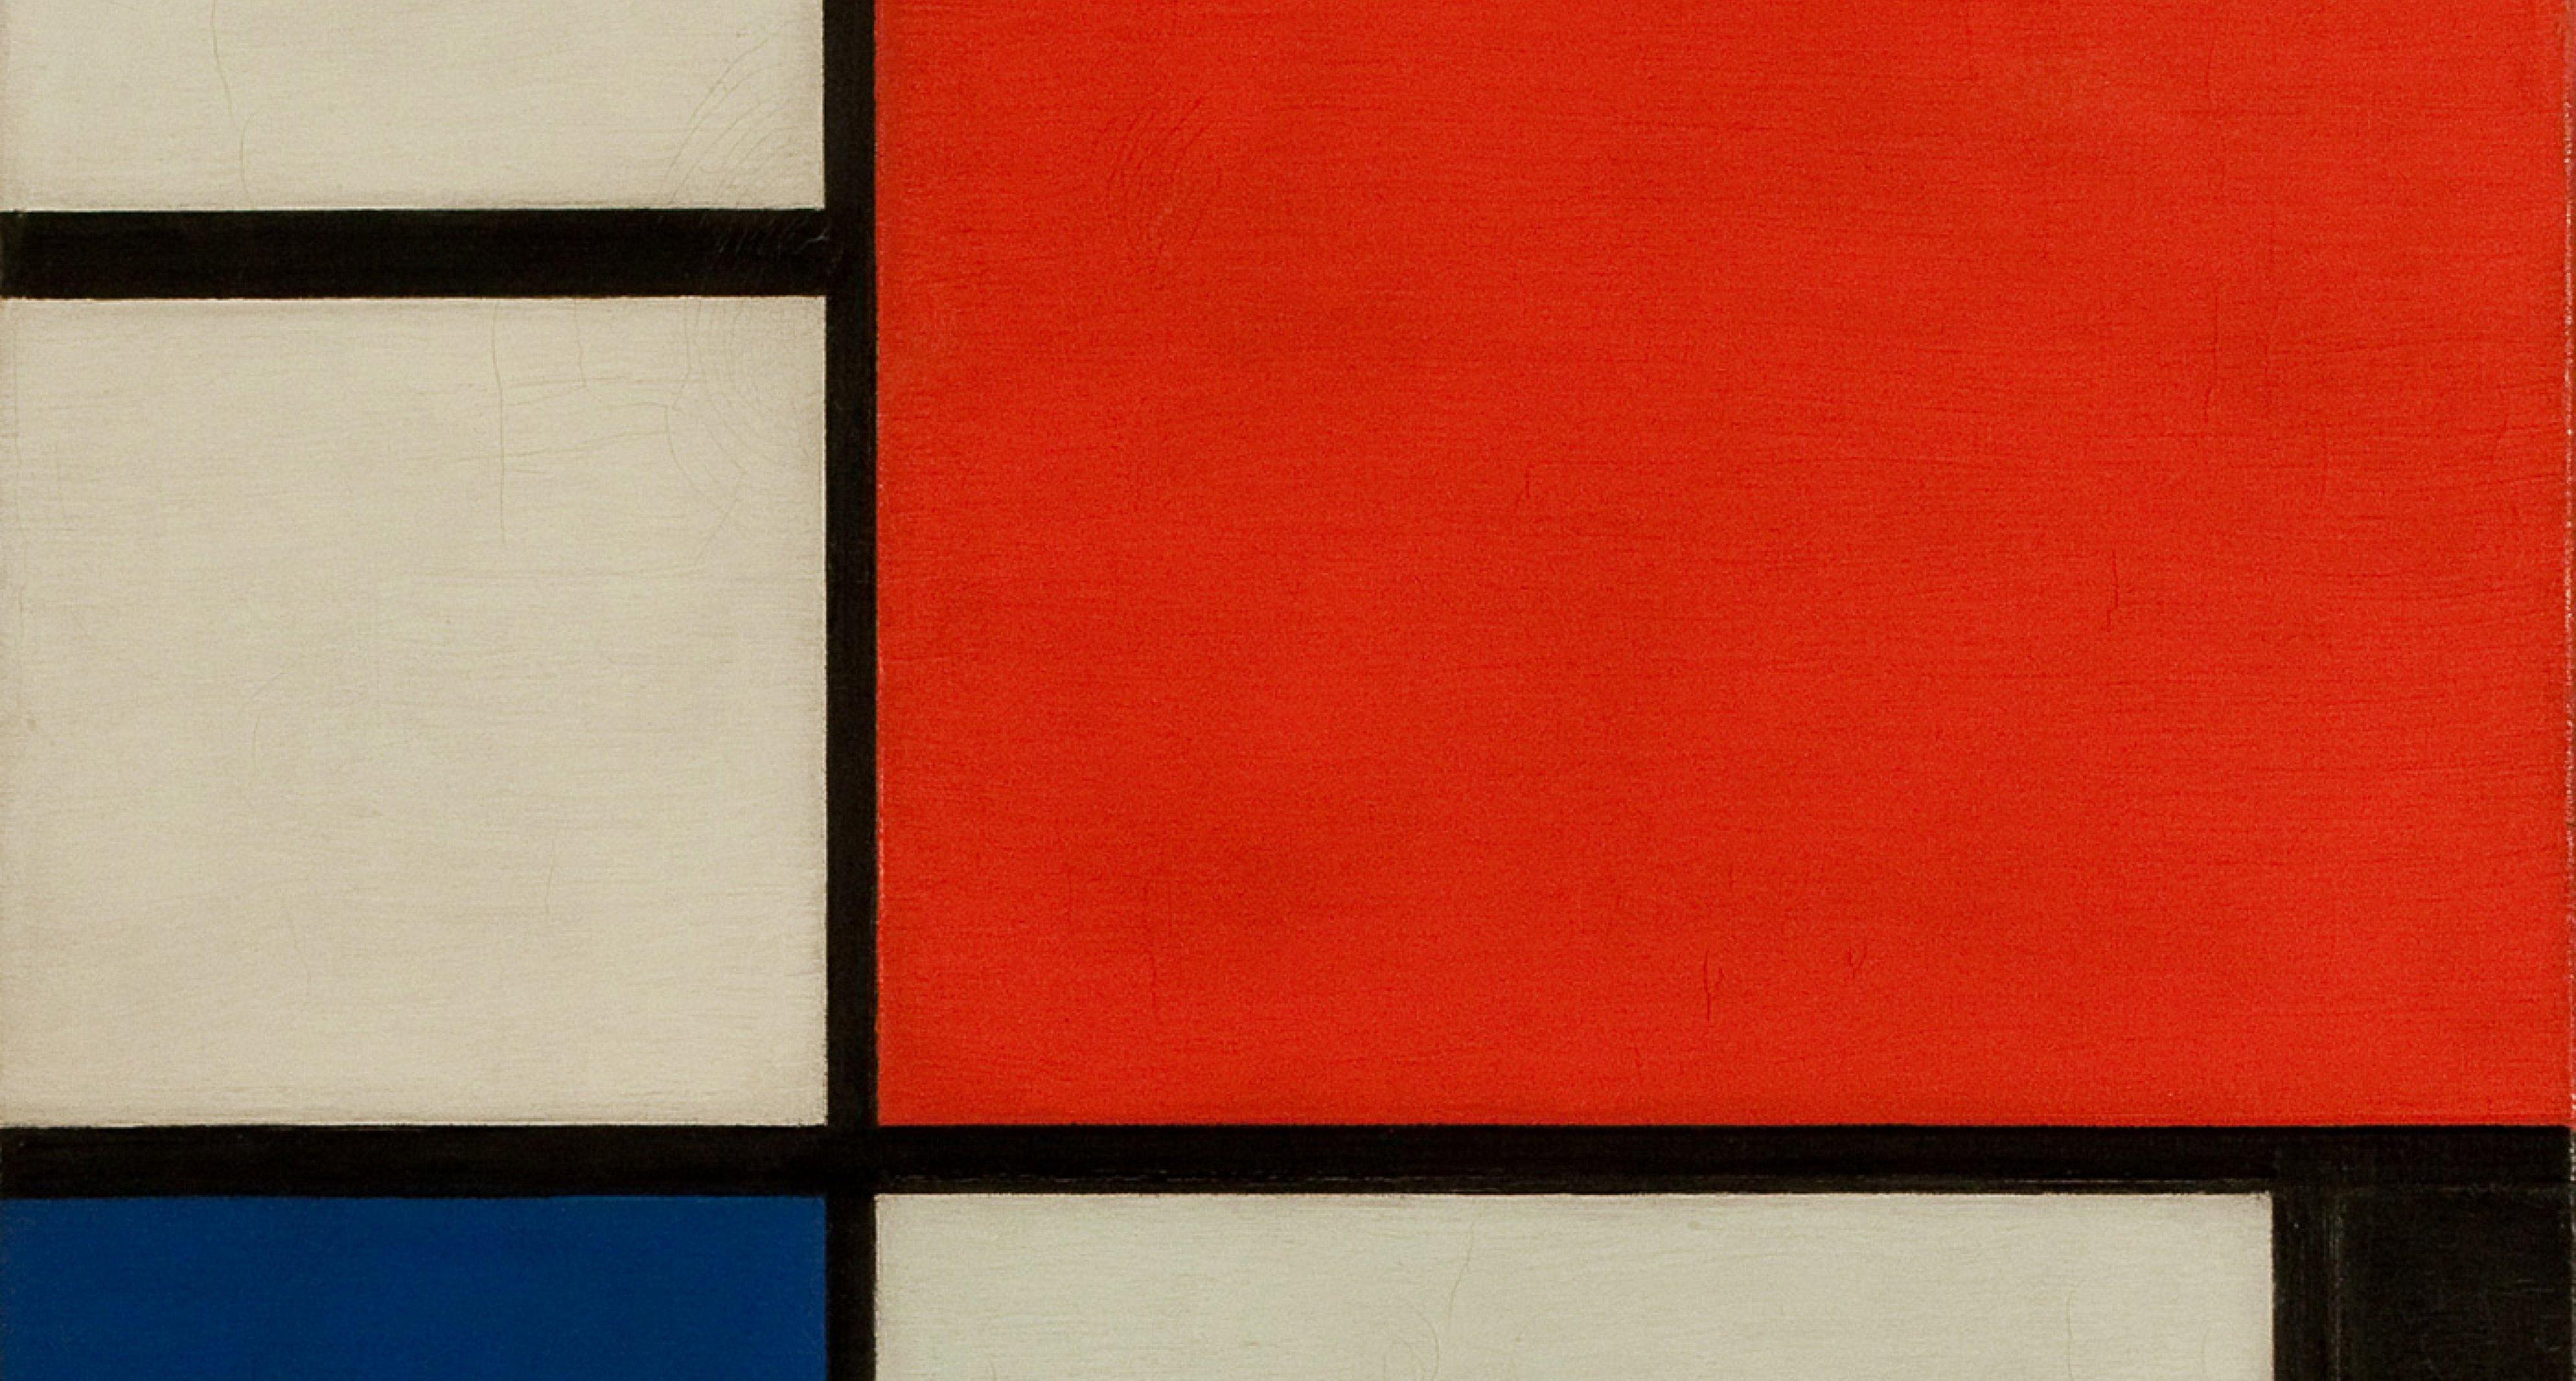 Piet Mondrian, Komposition Nr. II mit Rot, Blau, Schwarz und Gelb, 1929